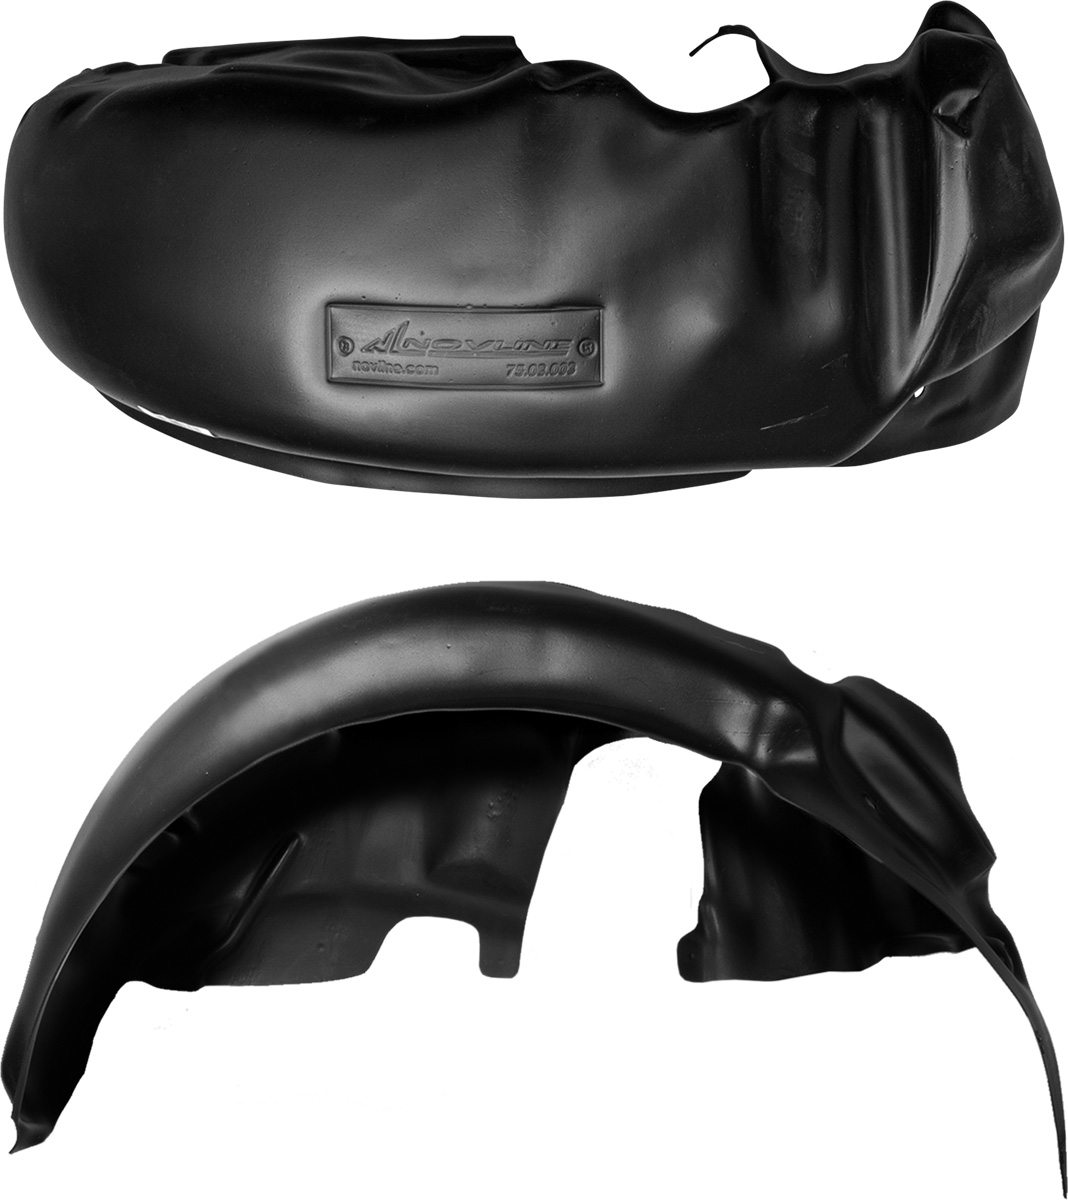 Подкрылок Novline-Autofamily, для Chevrolet Lanos, 1997-2009, седан, задний левыйNLL.08.02.003Колесные ниши - одни из самых уязвимых зон днища вашего автомобиля. Они постоянно подвергаются воздействию со стороны дороги. Лучшая, почти абсолютная защита для них - специально отформованные пластиковые кожухи, которые называются подкрылками. Производятся они как для отечественных моделей автомобилей, так и для иномарок. Подкрылки Novline-Autofamily выполнены из высококачественного, экологически чистого пластика. Обеспечивают надежную защиту кузова автомобиля от пескоструйного эффекта и негативного влияния, агрессивных антигололедных реагентов. Пластик обладает более низкой теплопроводностью, чем металл, поэтому в зимний период эксплуатации использование пластиковых подкрылков позволяет лучше защитить колесные ниши от налипания снега и образования наледи. Оригинальность конструкции подчеркивает элегантность автомобиля, бережно защищает нанесенное на днище кузова антикоррозийное покрытие и позволяет осуществить крепление подкрылков внутри колесной арки практически без дополнительного крепежа и сверления, не нарушая при этом лакокрасочного покрытия, что предотвращает возникновение новых очагов коррозии. Подкрылки долговечны, обладают высокой прочностью и сохраняют заданную форму, а также все свои физико-механические характеристики в самых тяжелых климатических условиях (от -50°С до +50°С).Уважаемые клиенты!Обращаем ваше внимание, на тот факт, что подкрылок имеет форму, соответствующую модели данного автомобиля. Фото служит для визуального восприятия товара.